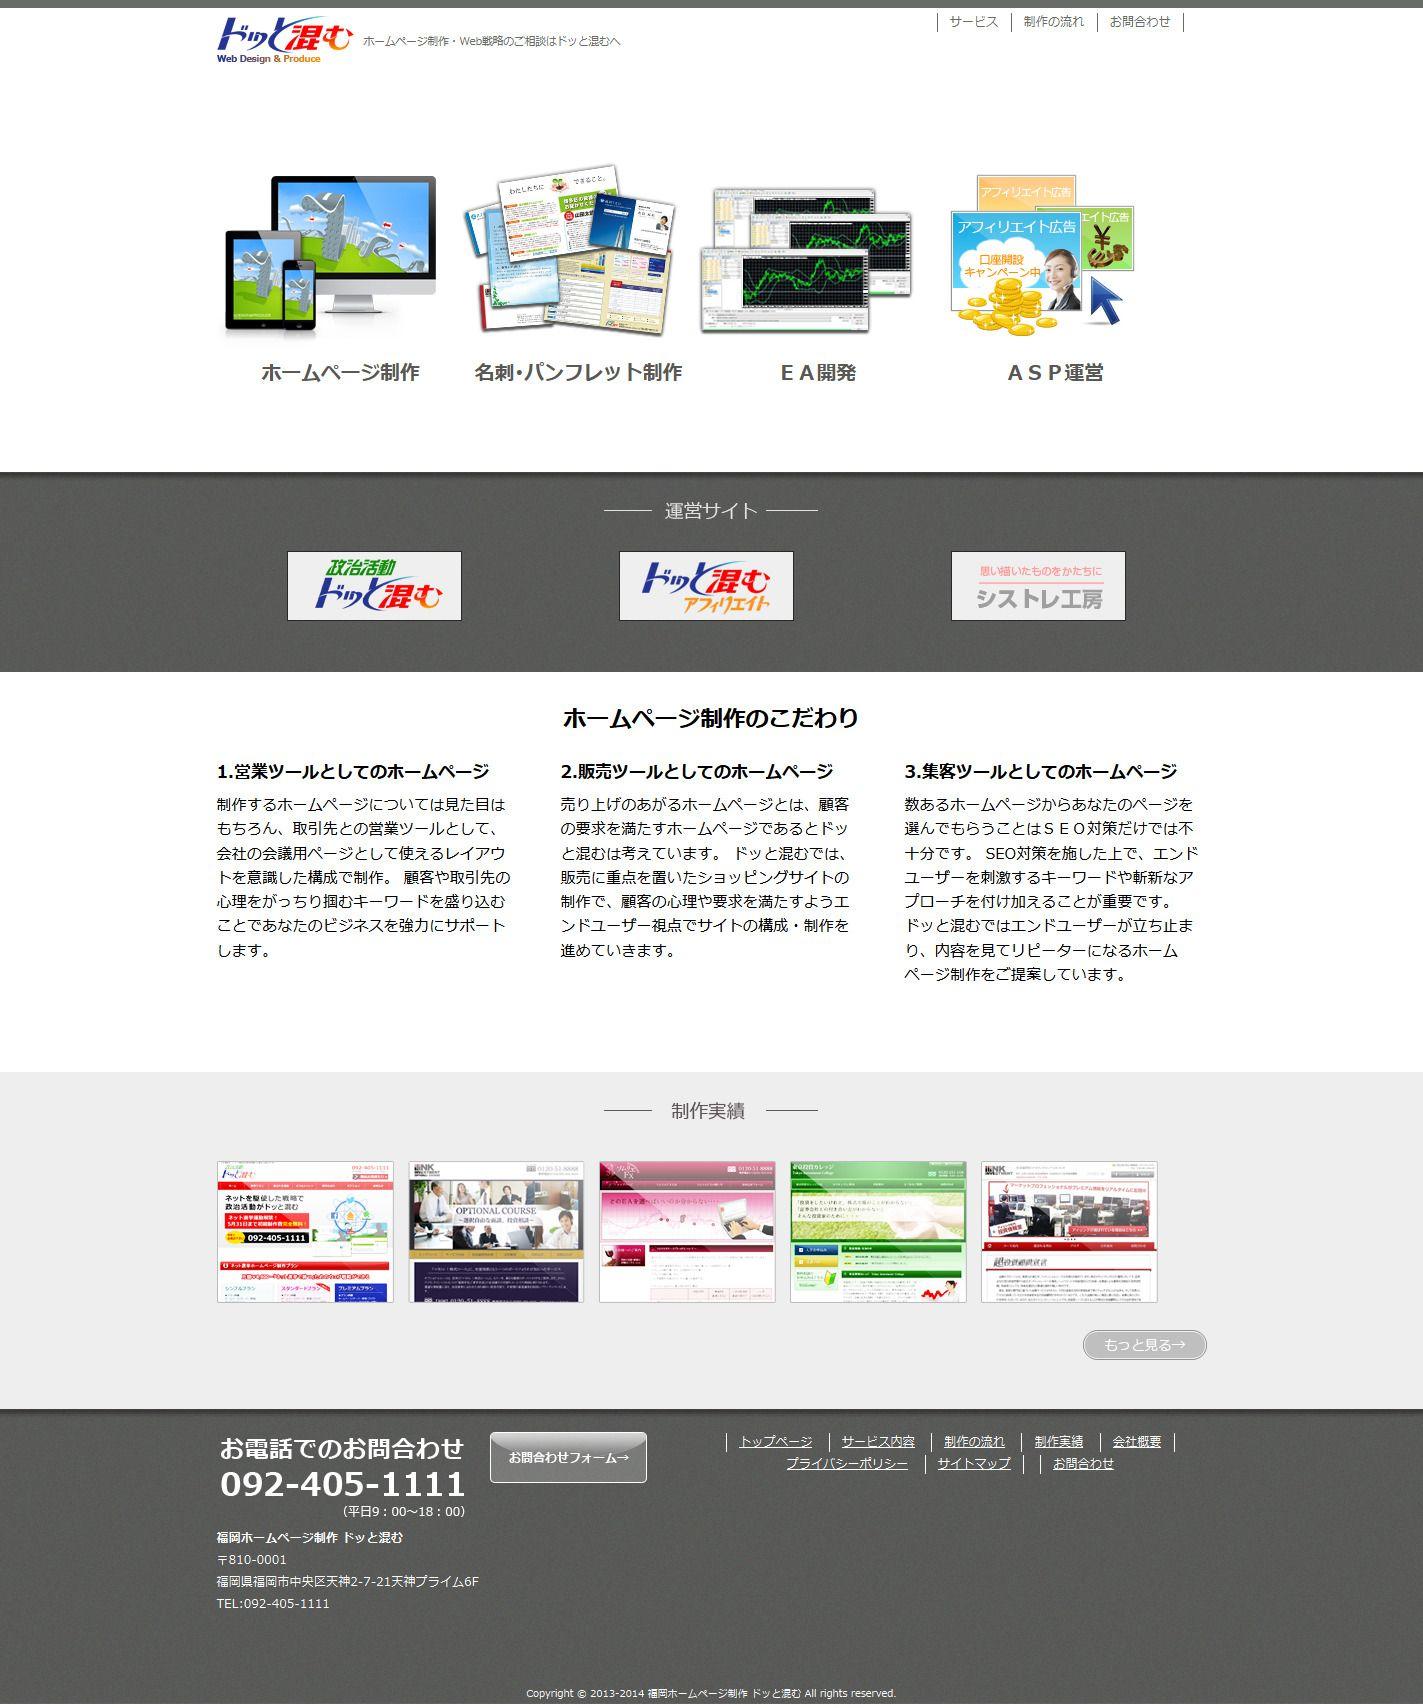 福岡のホームページ制作 株式会社ドッと混むのホームページ http://comcomcomcomcomcomcomcomcomcom.com/